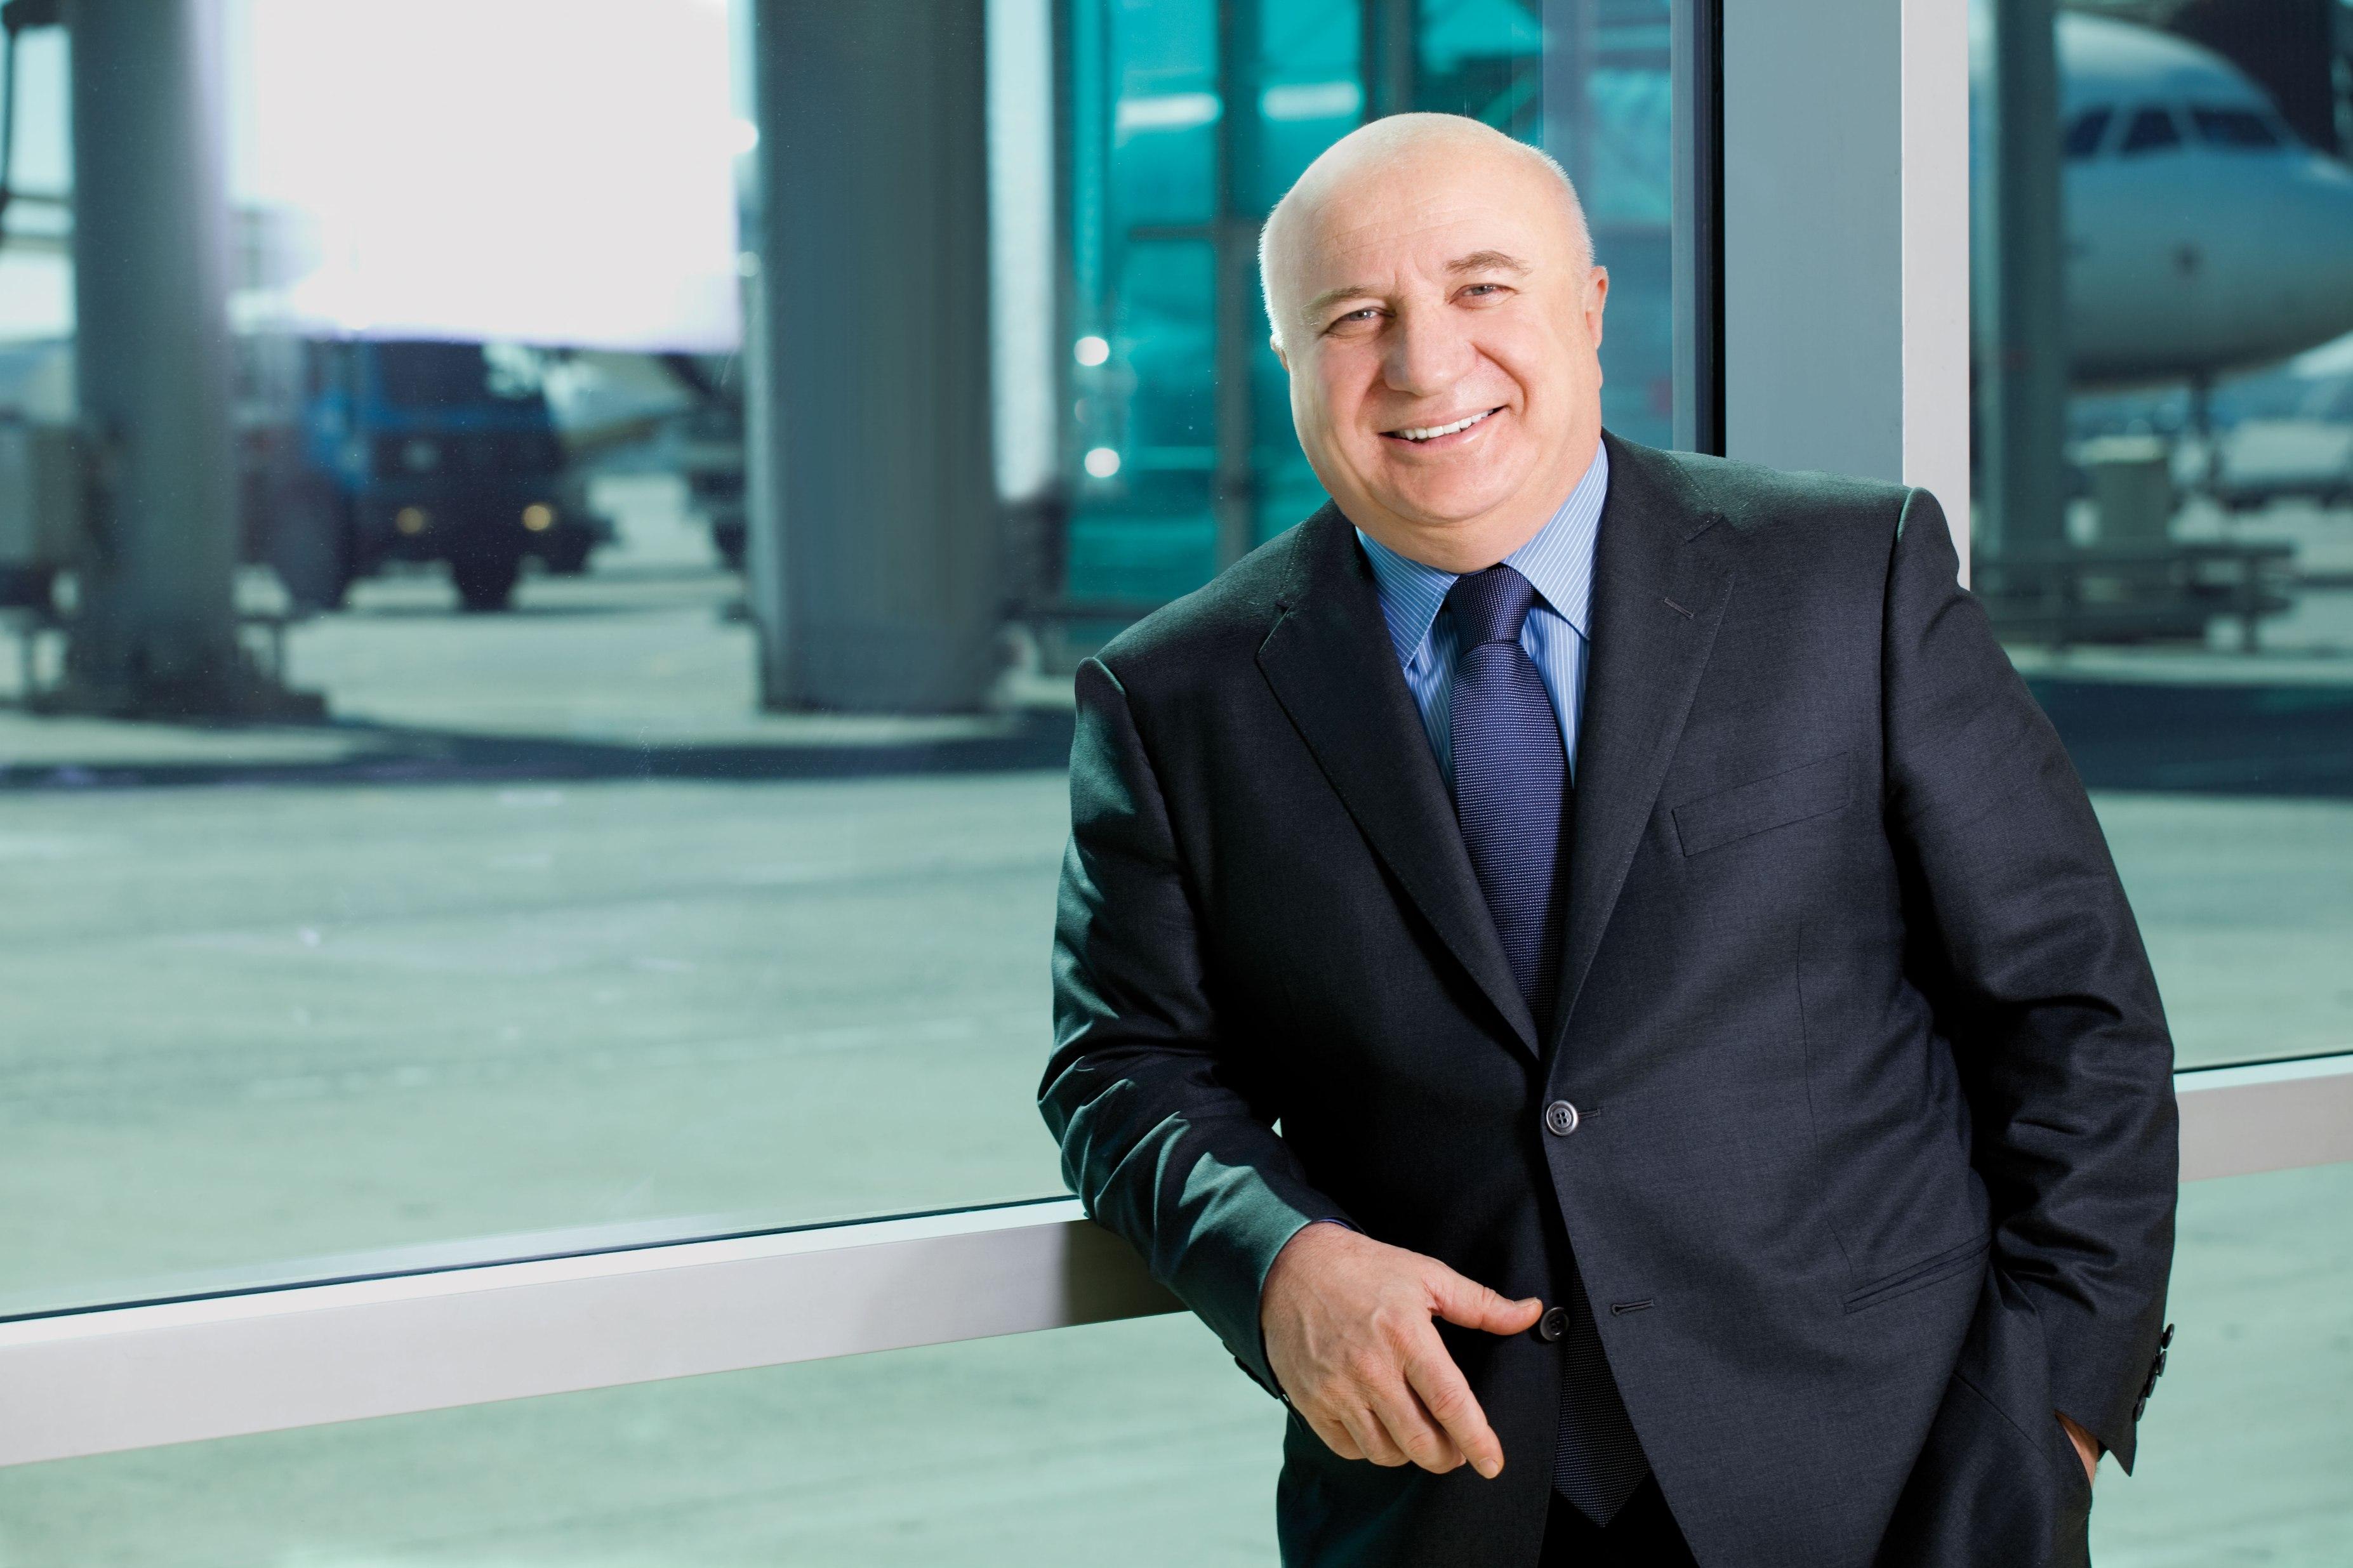 #11: Mustafa Sani Sener, TAV Group